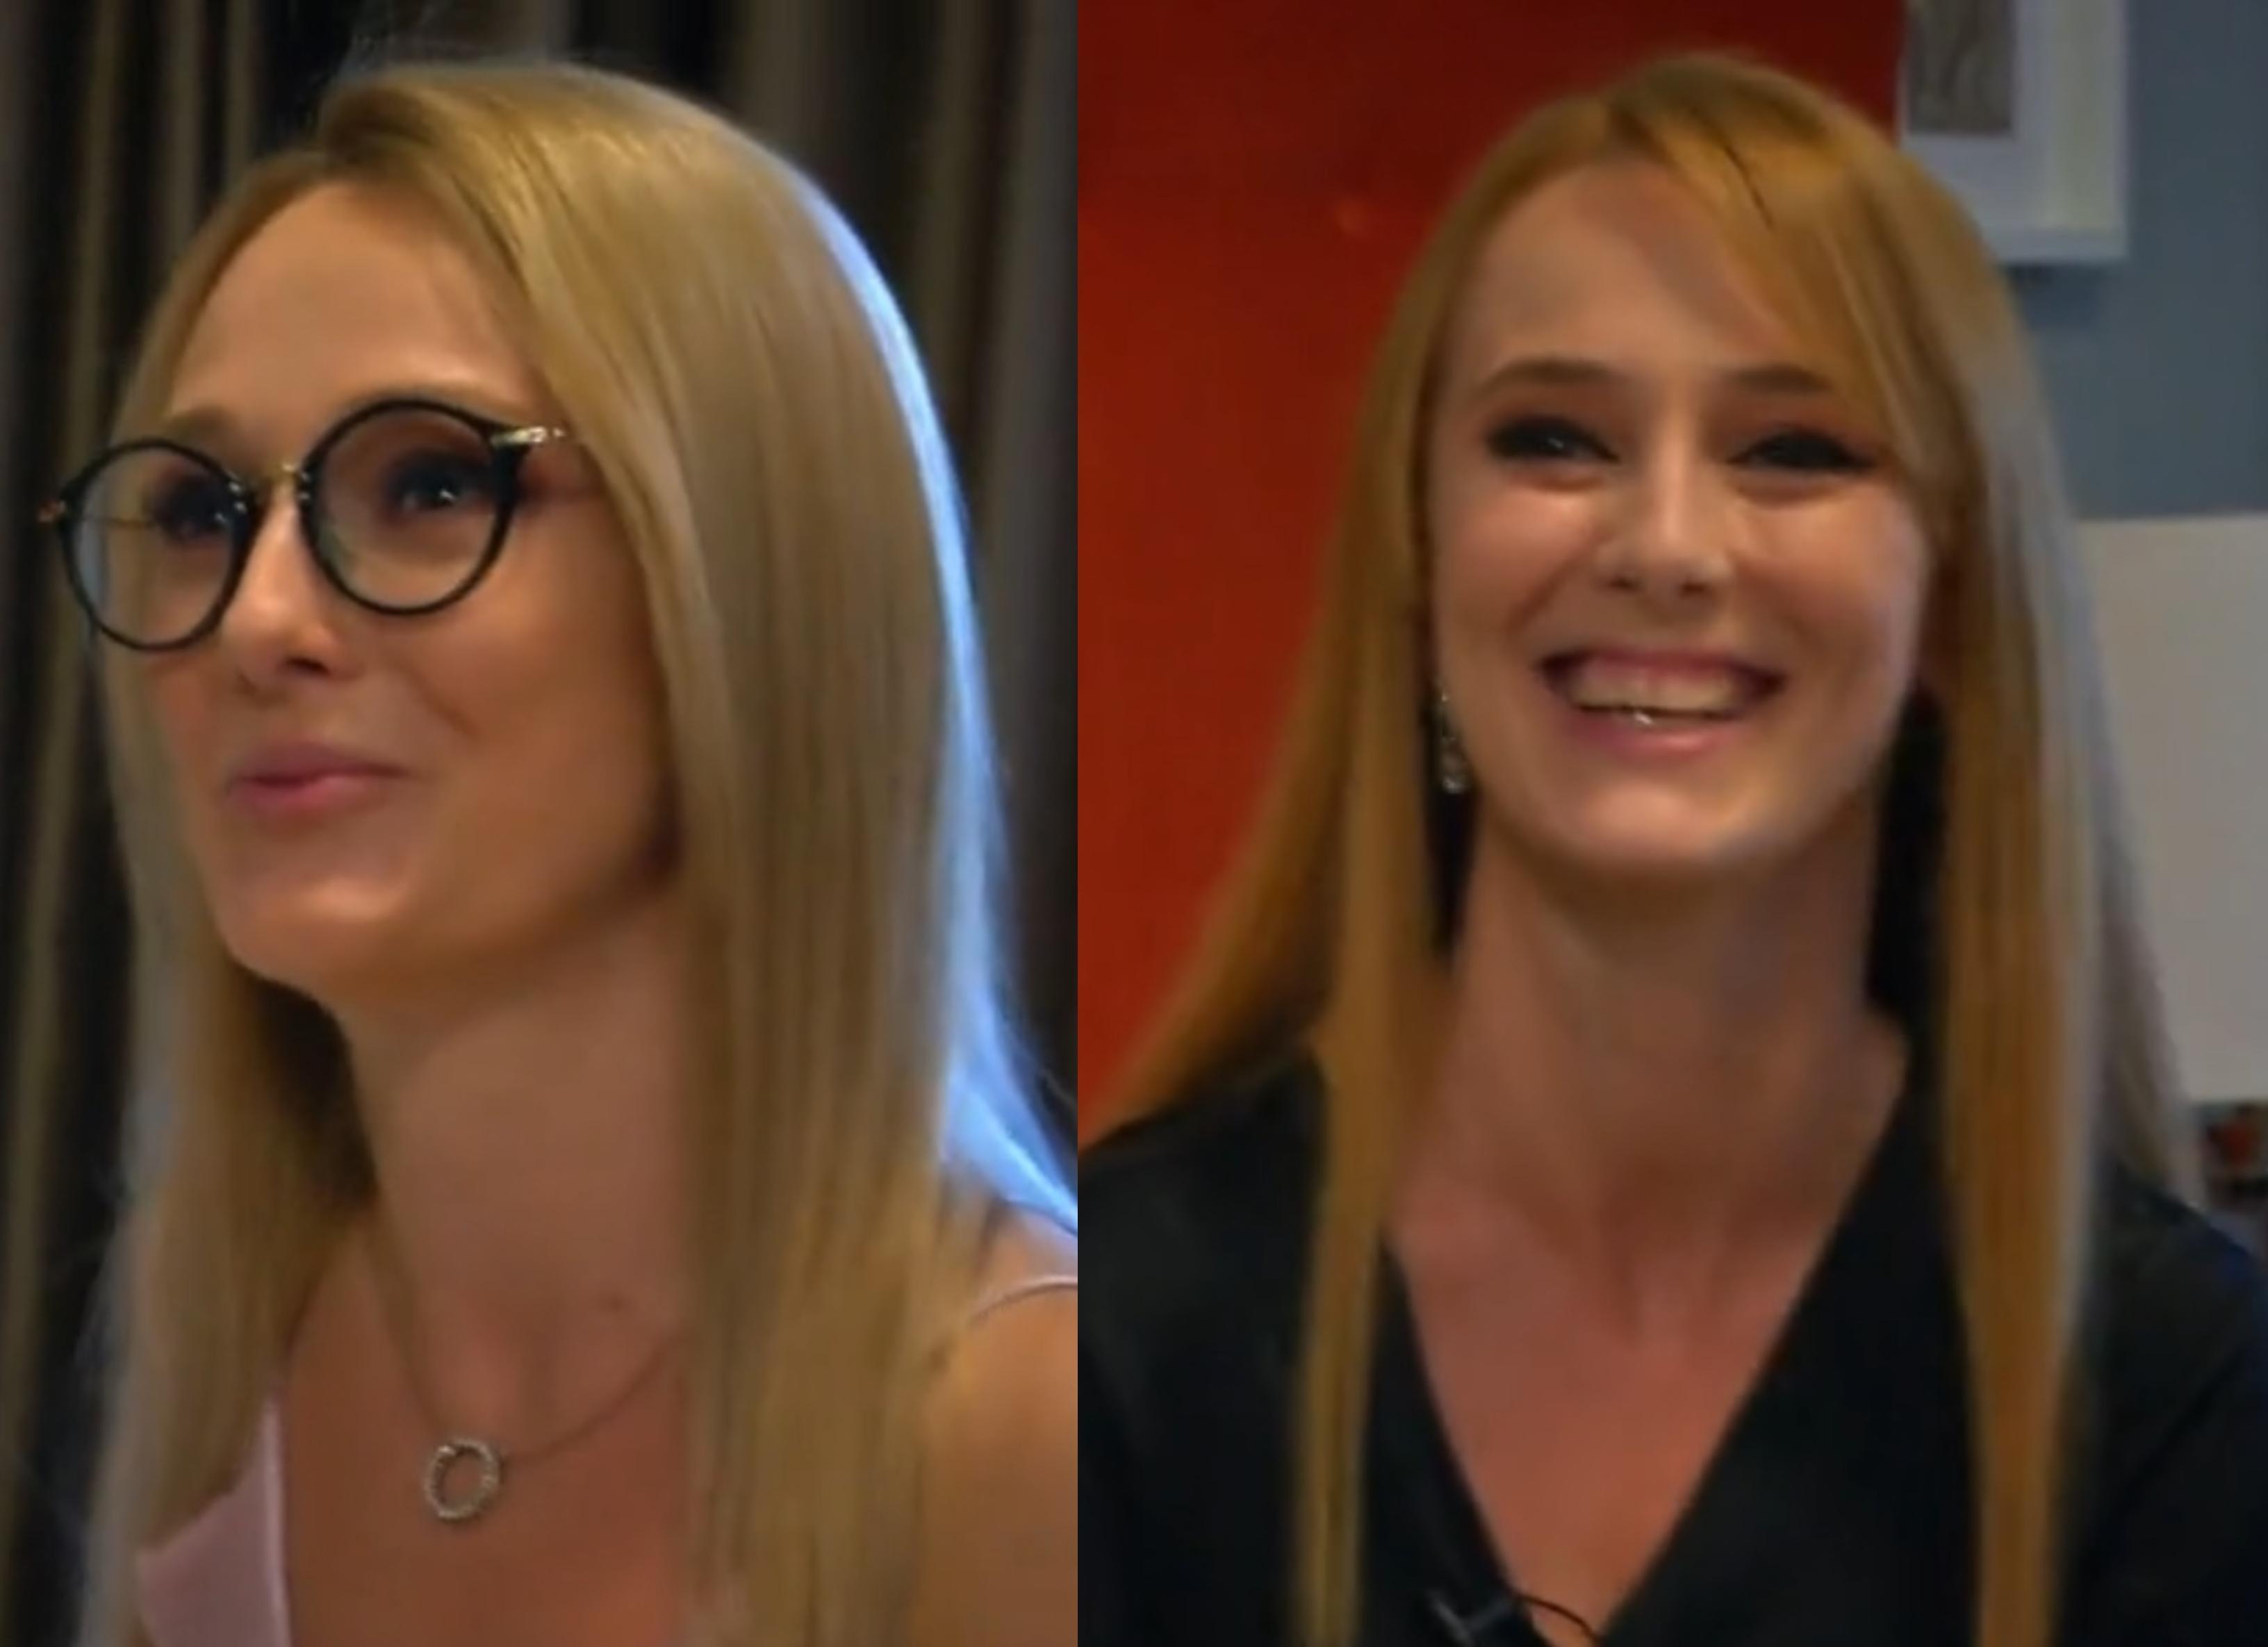 Burlacul 5 martie 2021. Malinka Zina și Angela Antocel, surori rivale pentru inima Burlacului